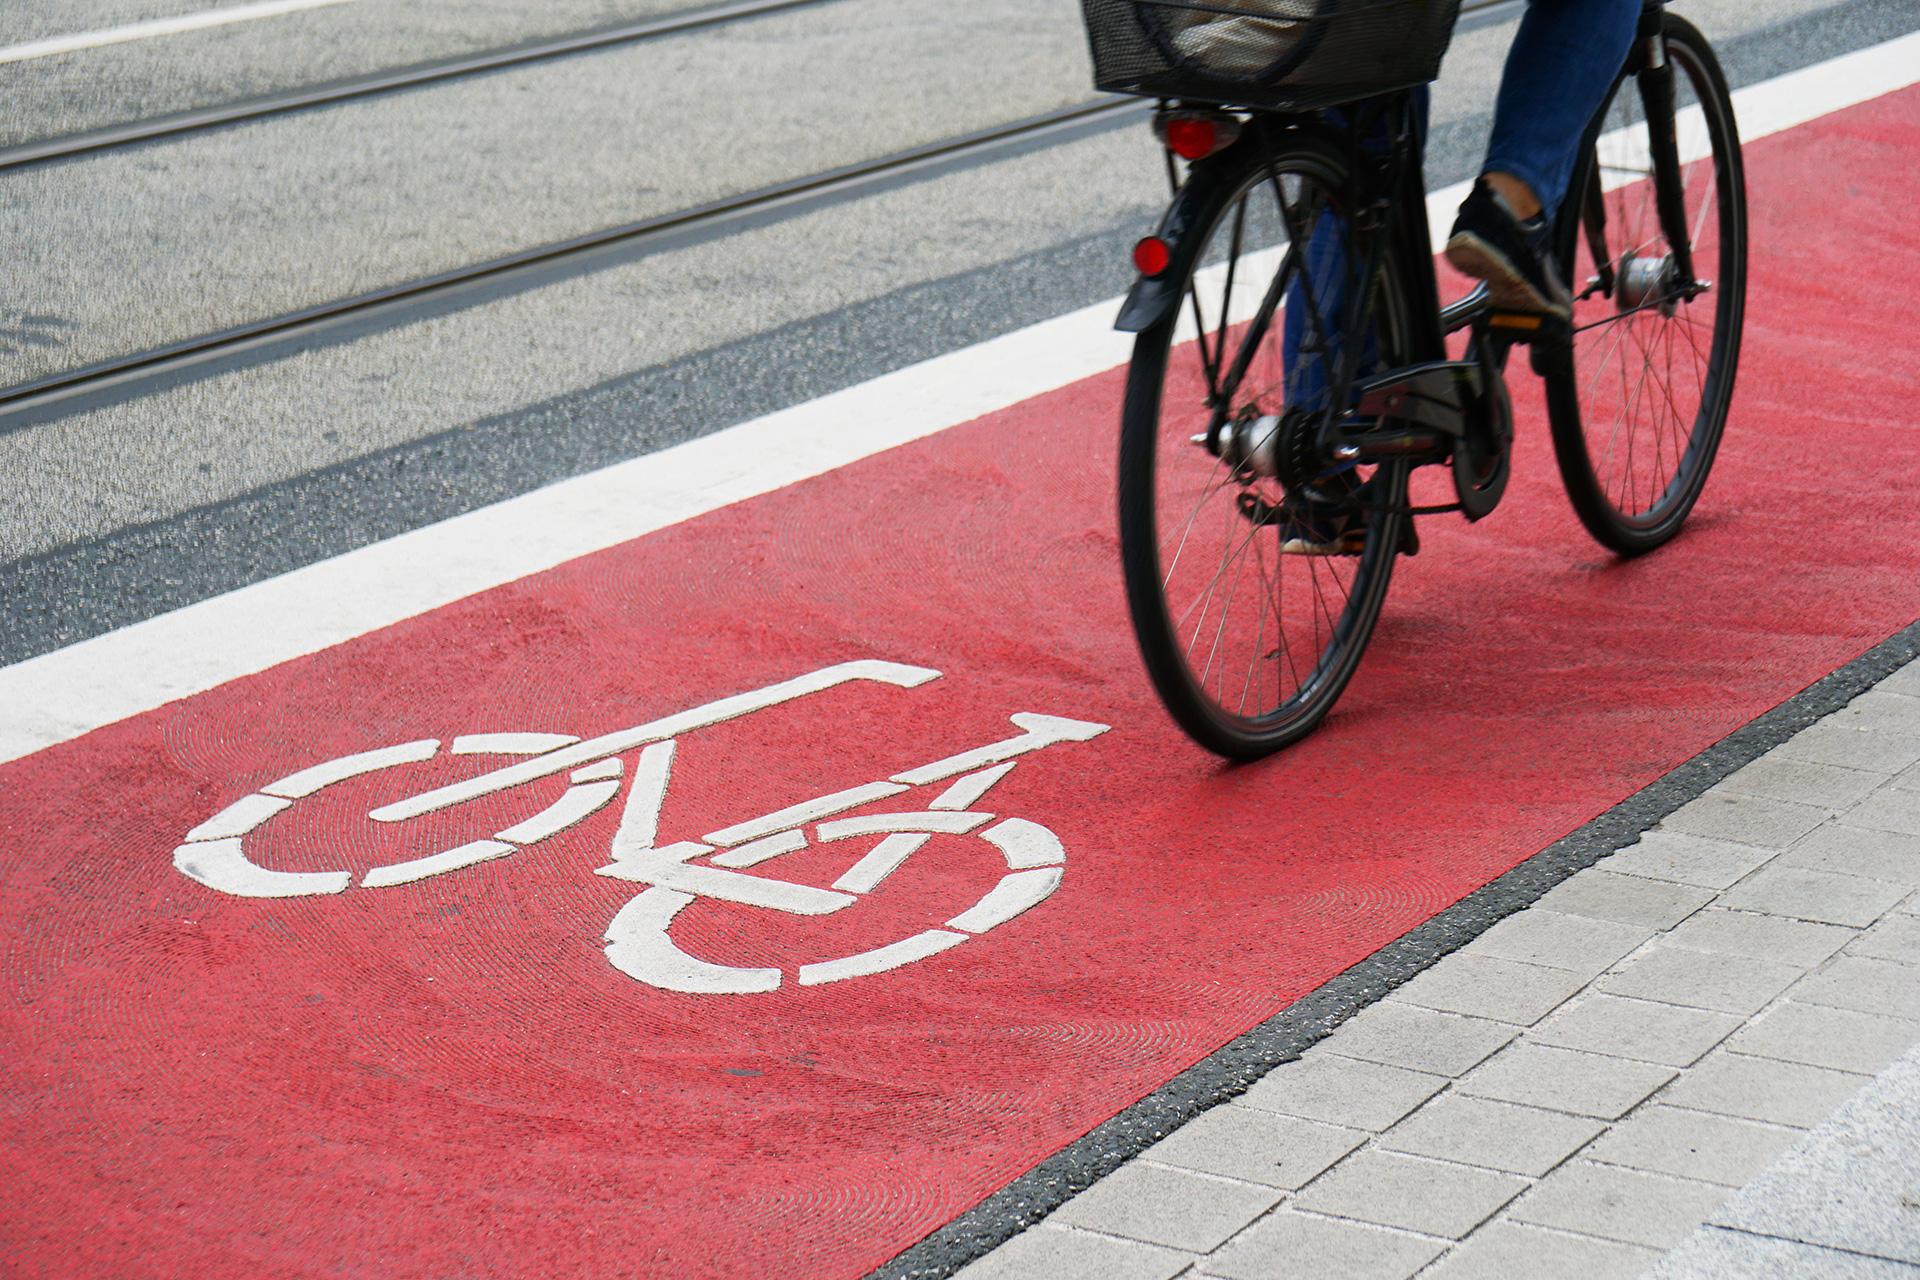 Ścieżka rowerowa, ilustracja do artykułu o pierwszeństwie na przejazdach rowerowych